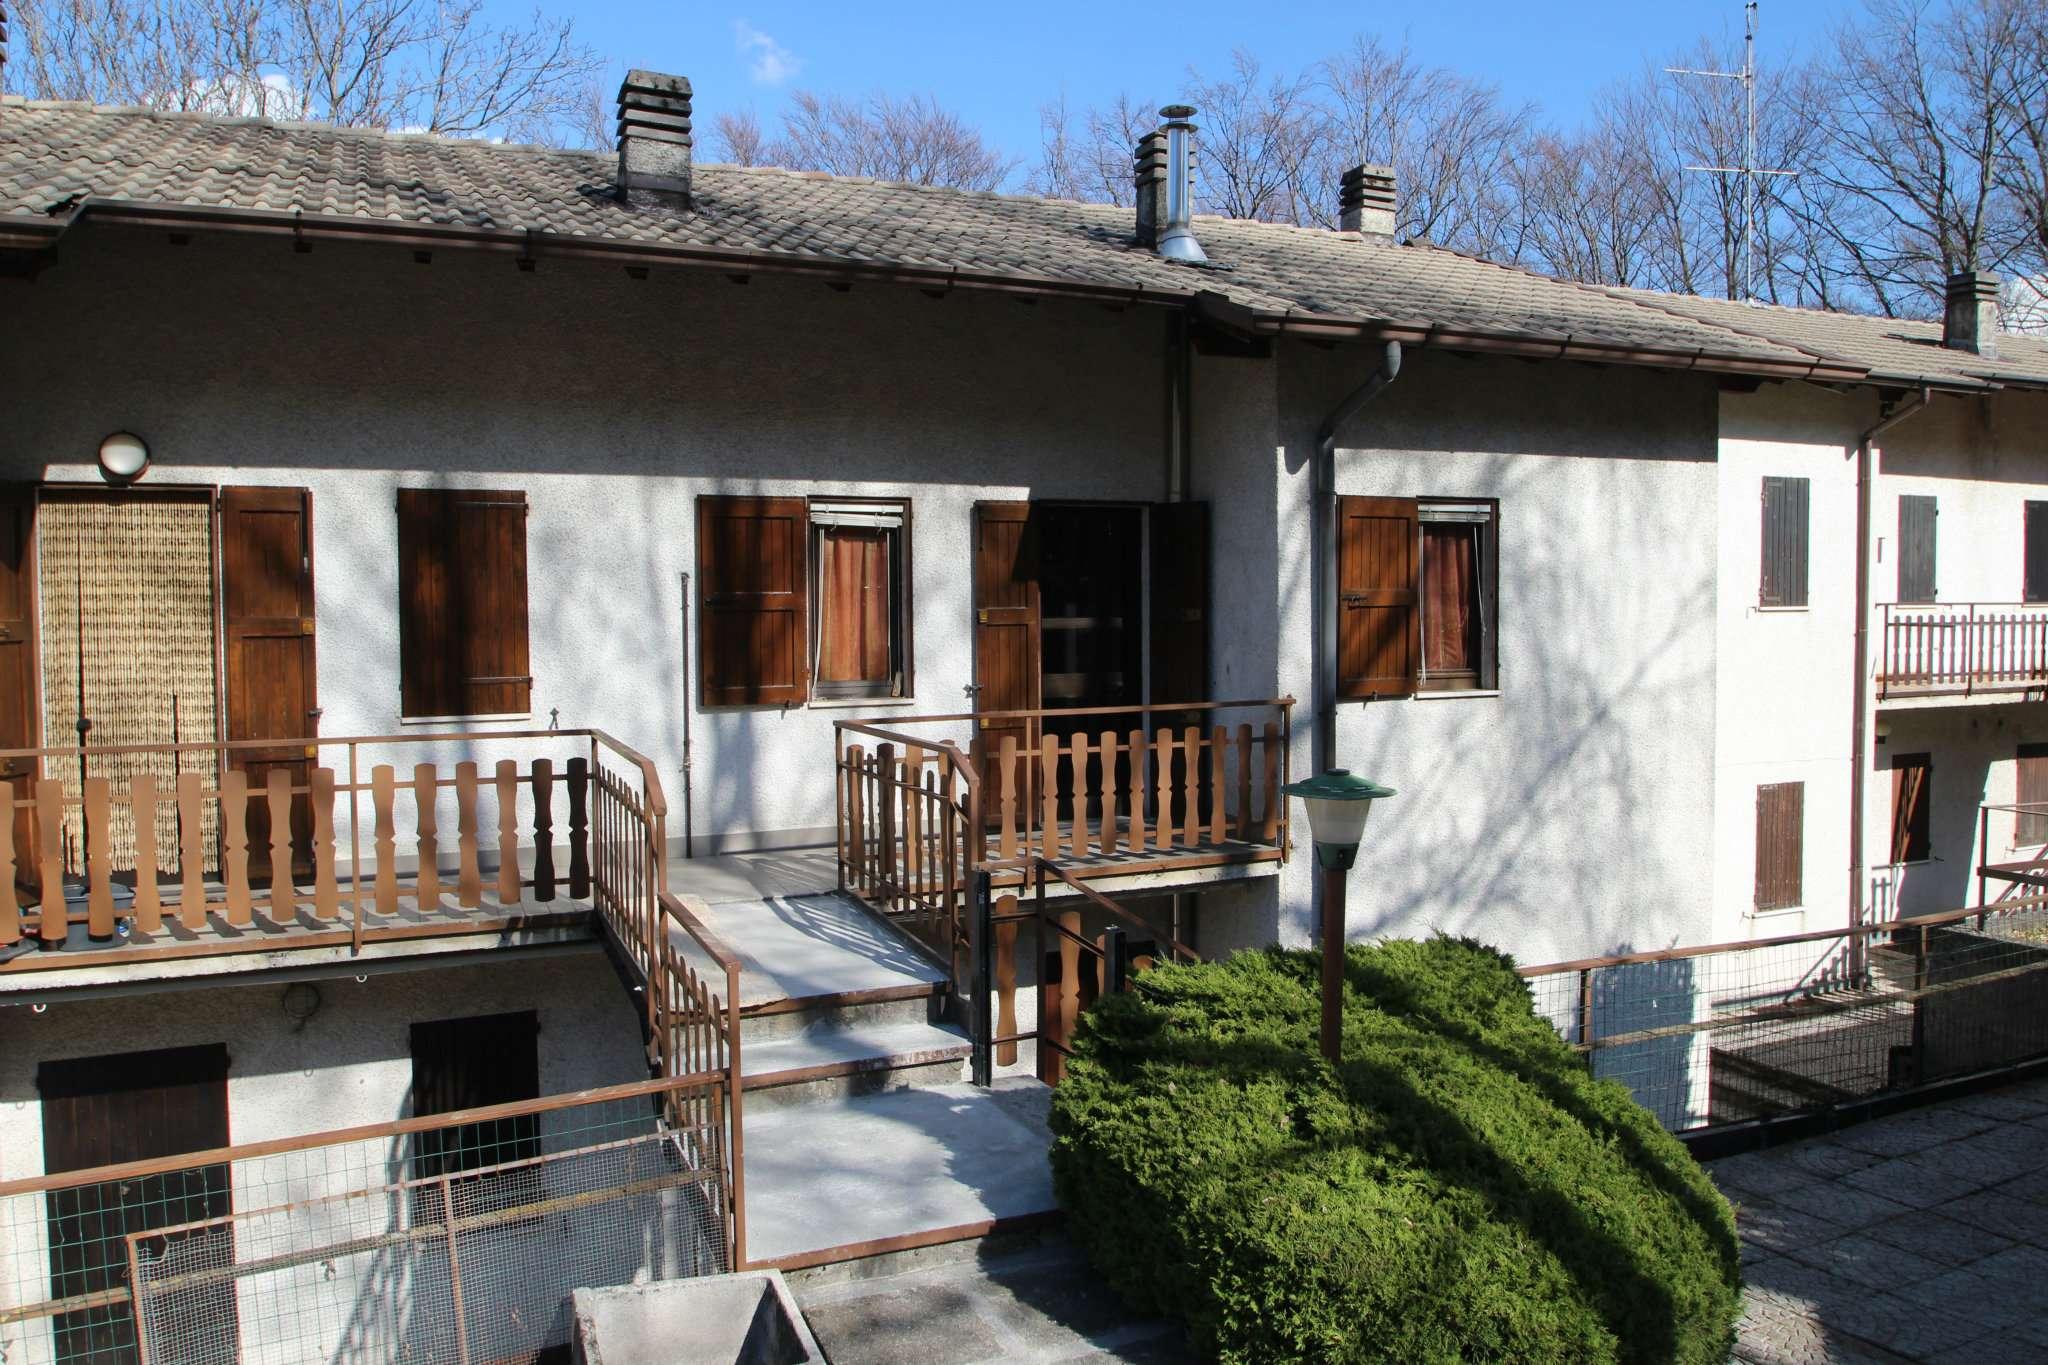 Appartamento in vendita a Roncola, 3 locali, prezzo € 55.000 | CambioCasa.it